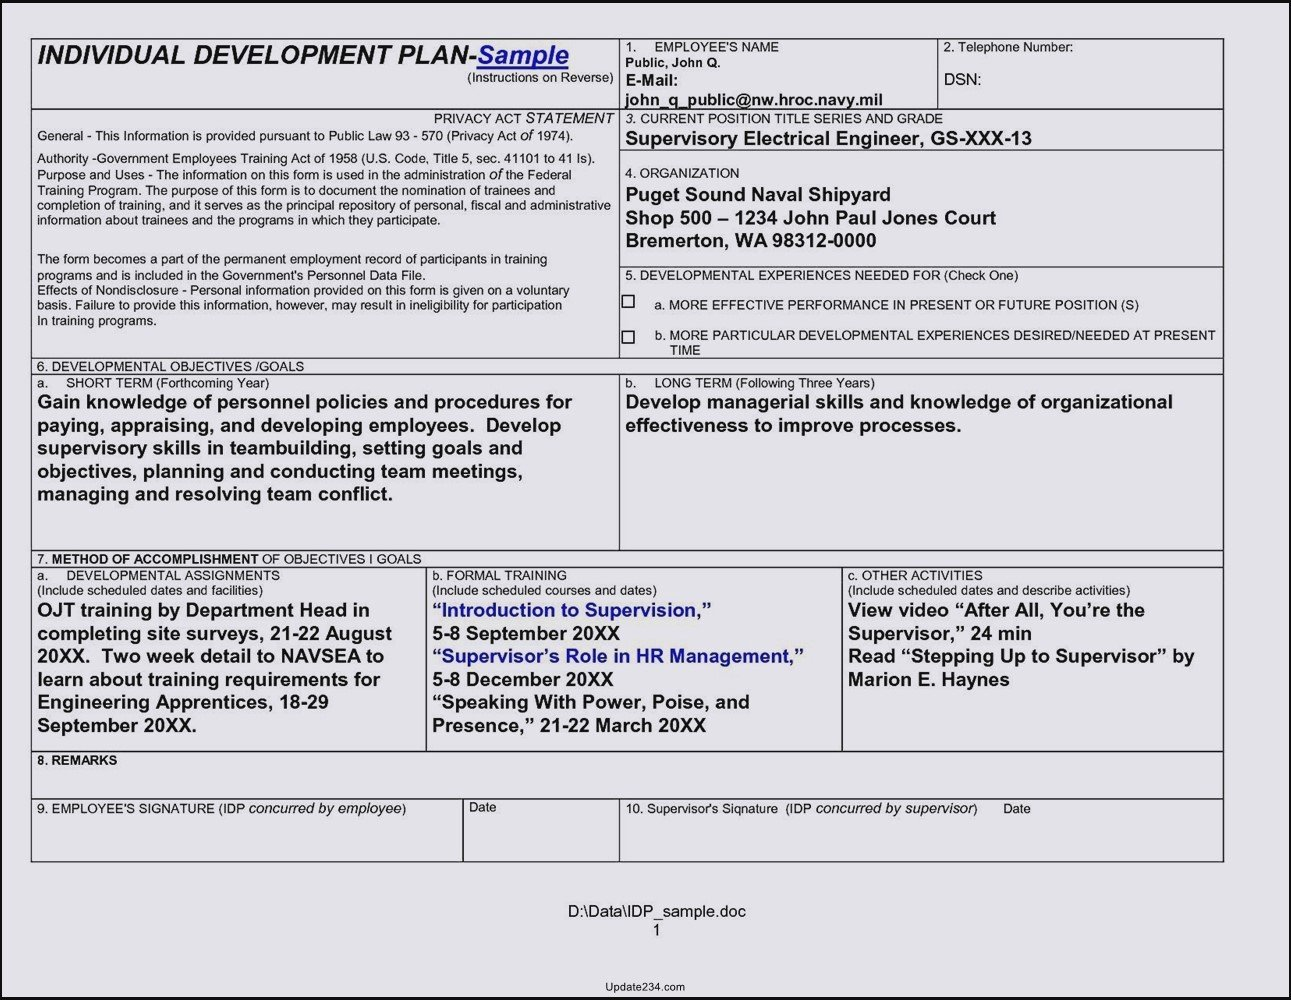 Career Development Plan Template Inspirational Career Development Plan Template Doc Template Update234